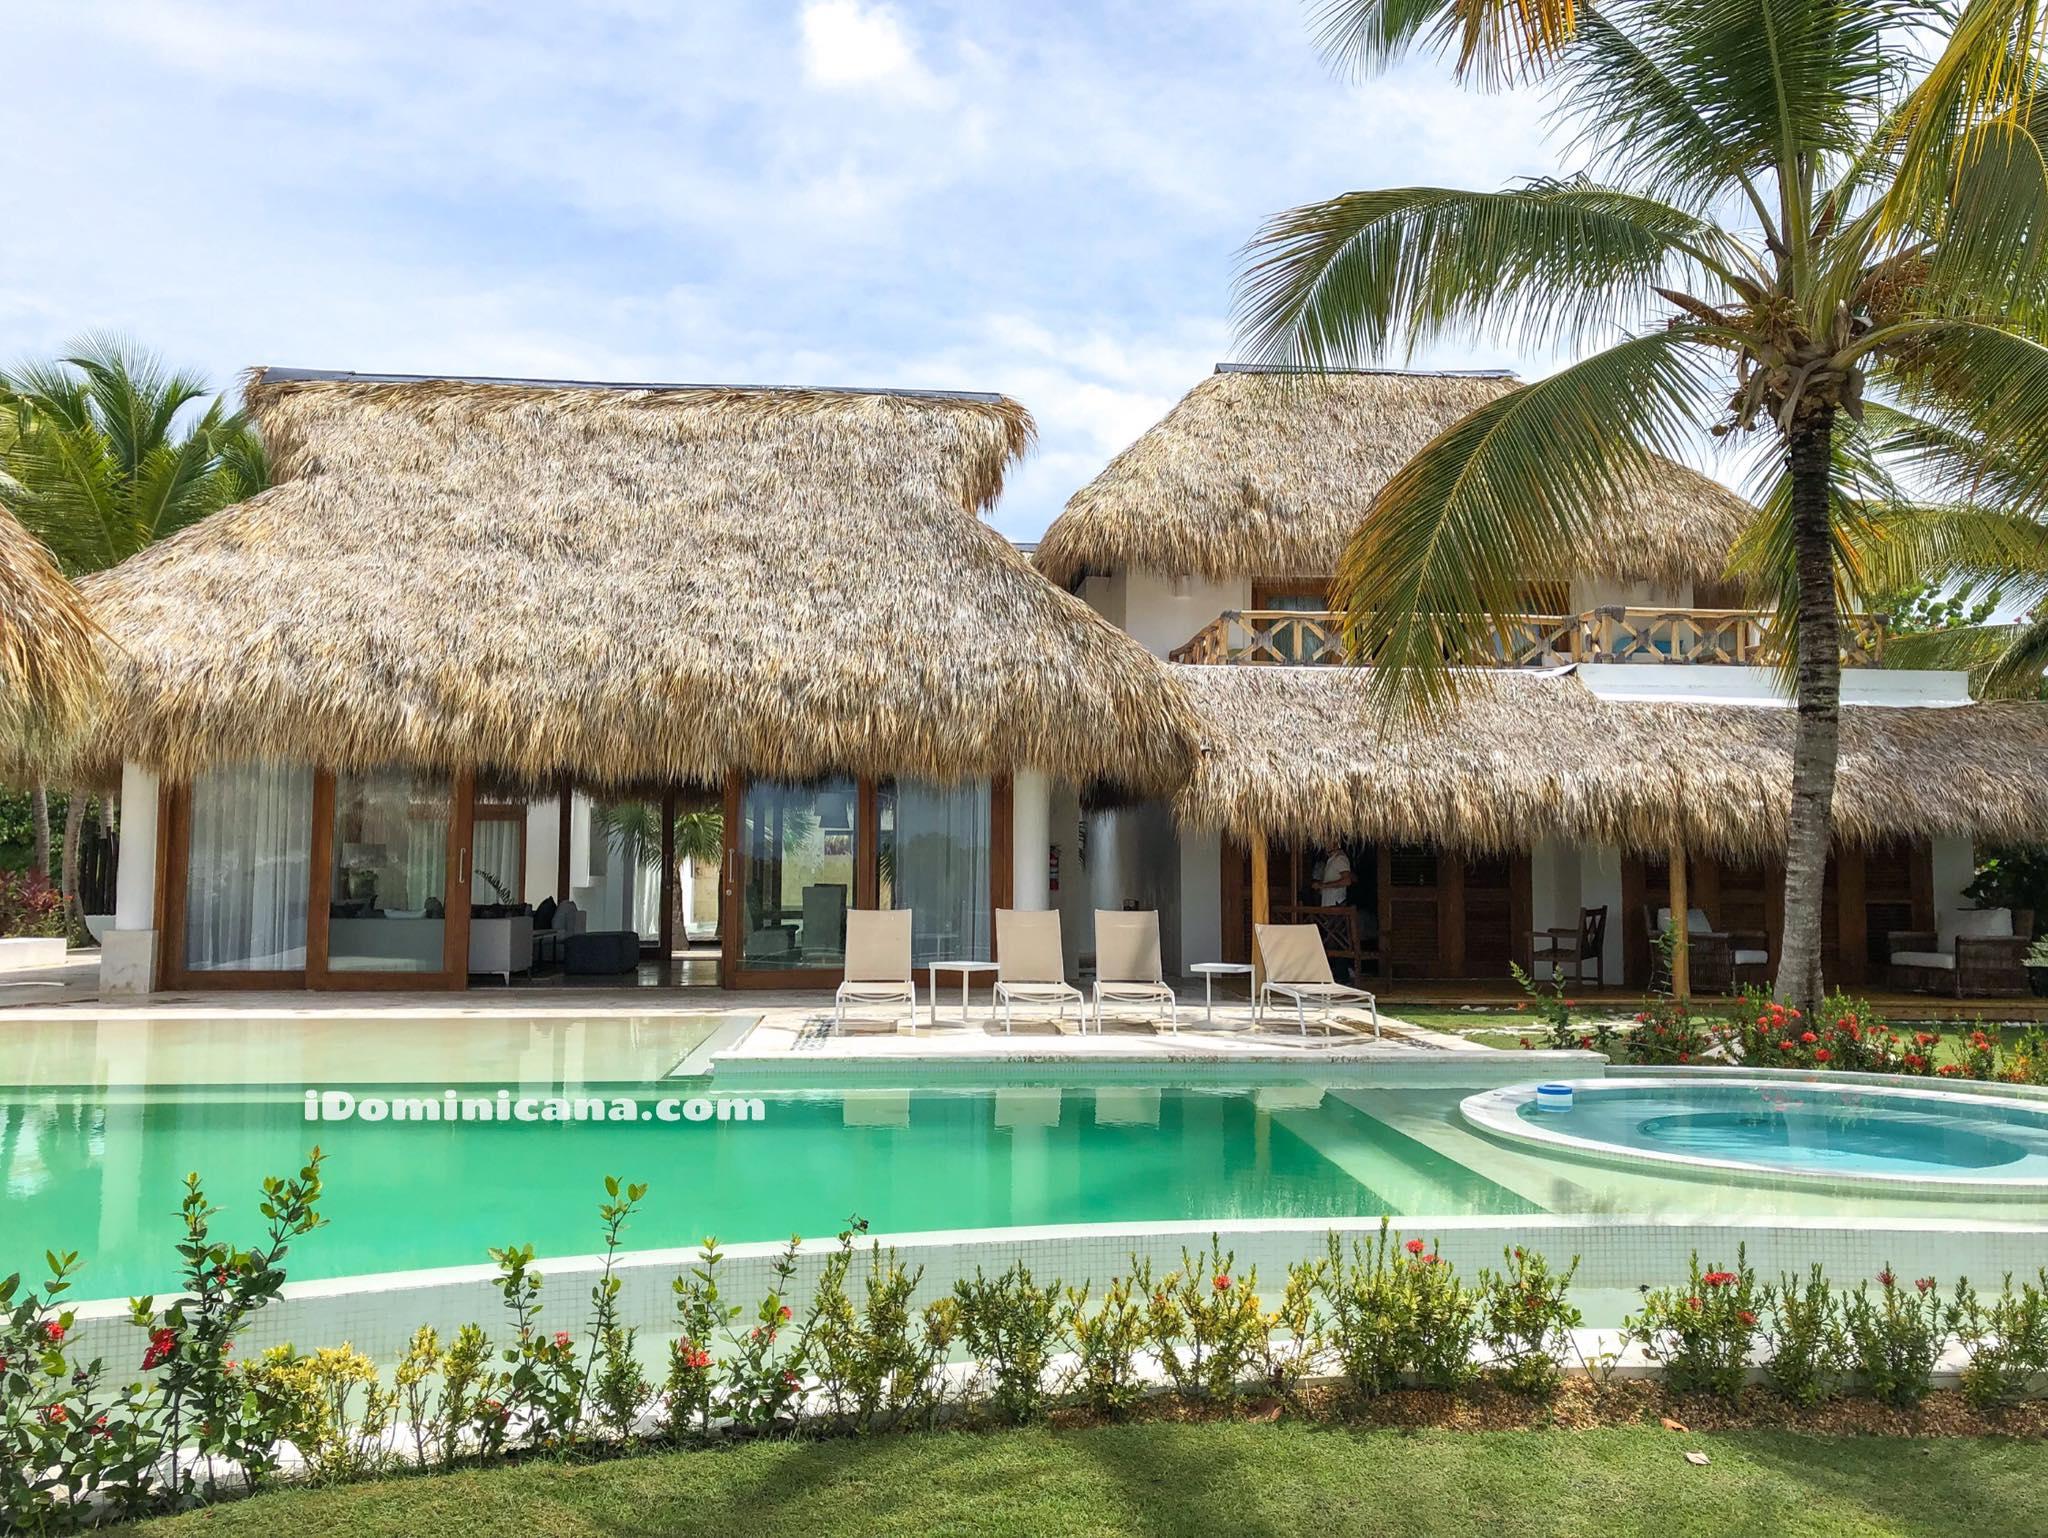 Вилла Cana в Кап-Кана (Доминикана): 5 спален, максимальная приватность